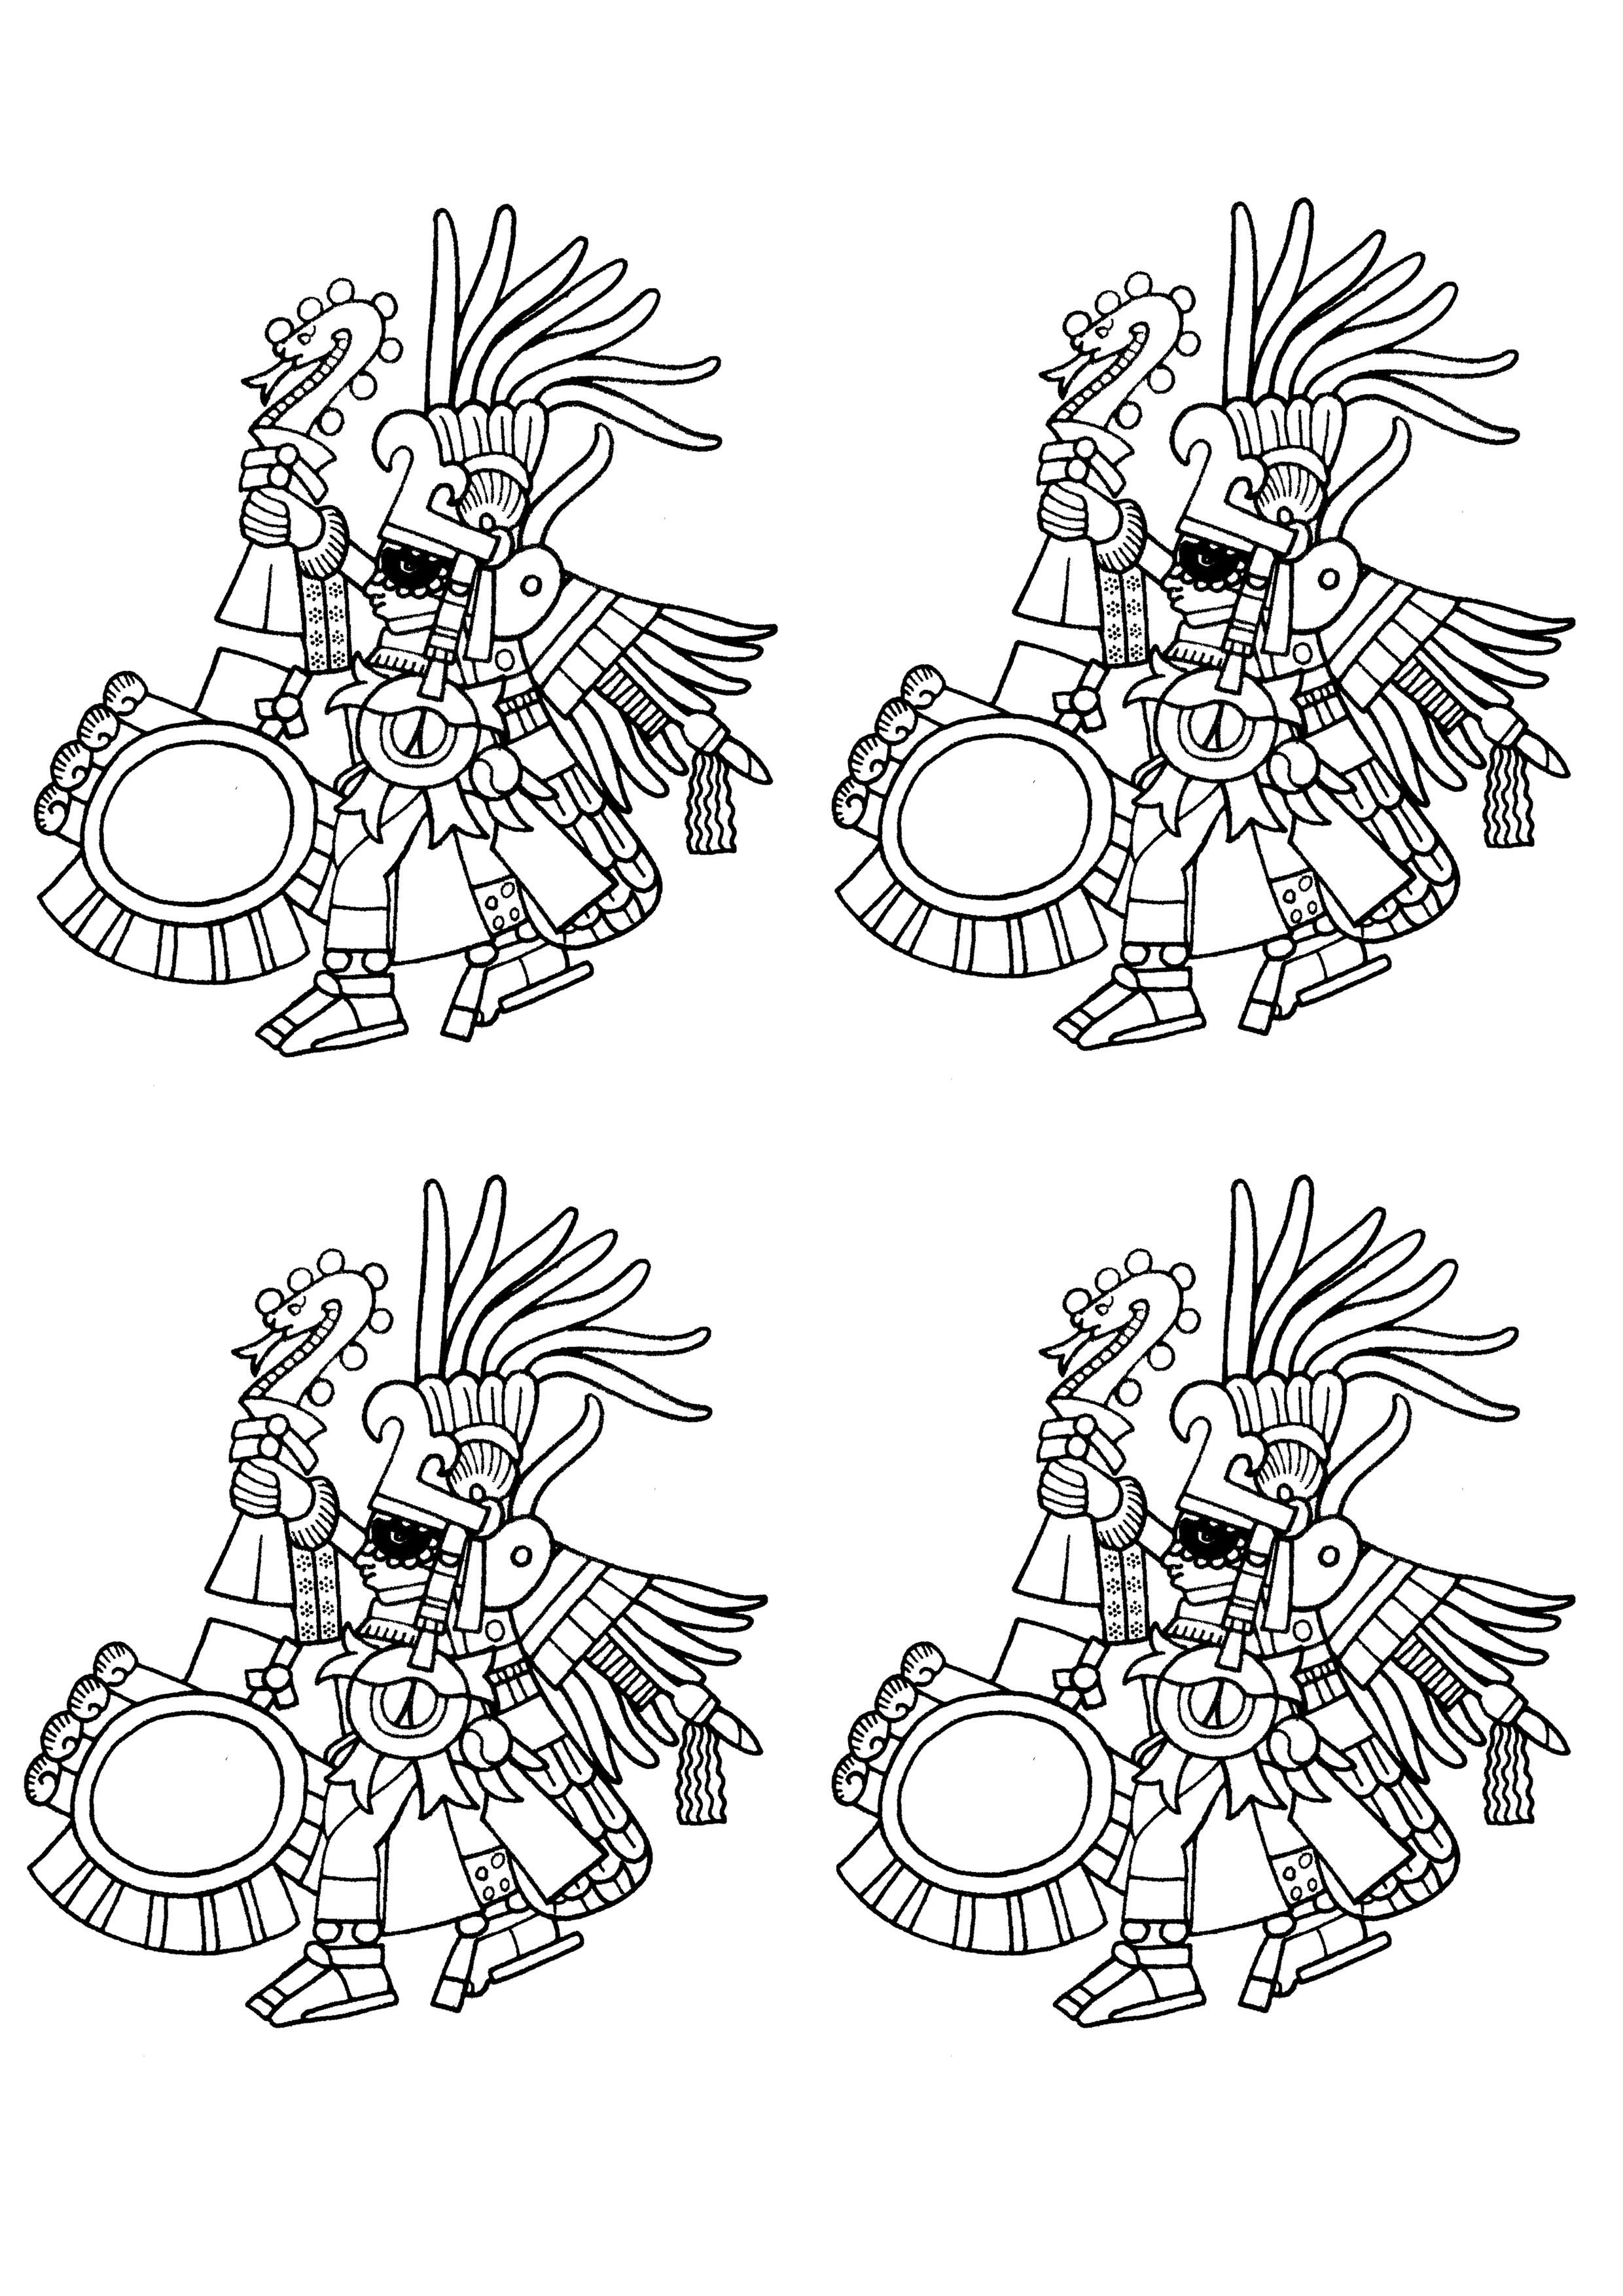 Disegni da colorare per adulti : Maya, Aztechi e Incas - 23